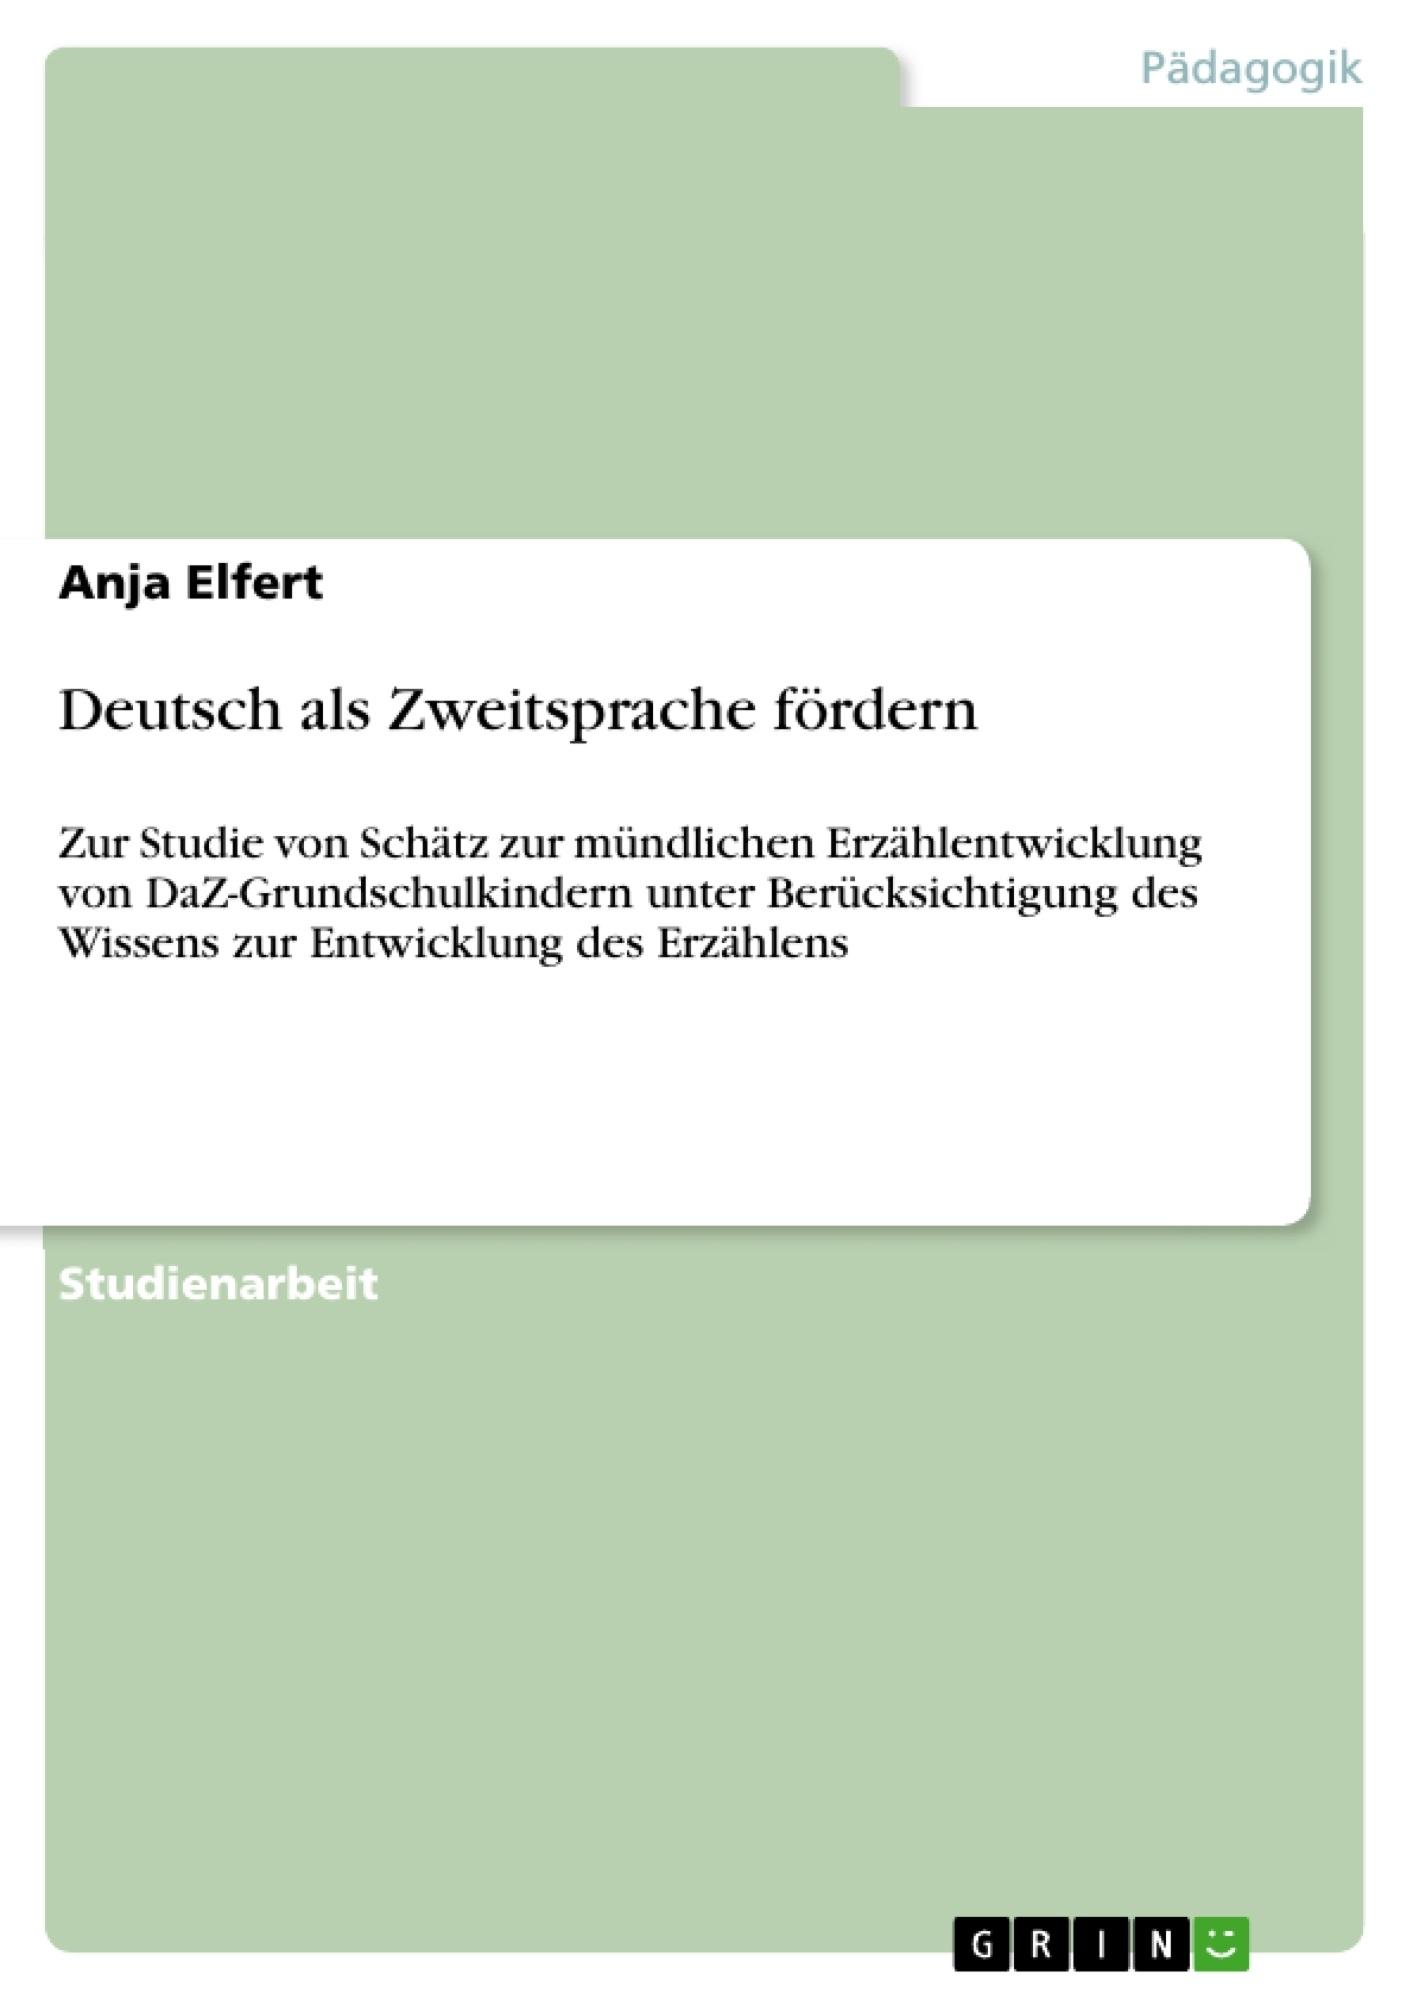 Titel: Deutsch als Zweitsprache fördern